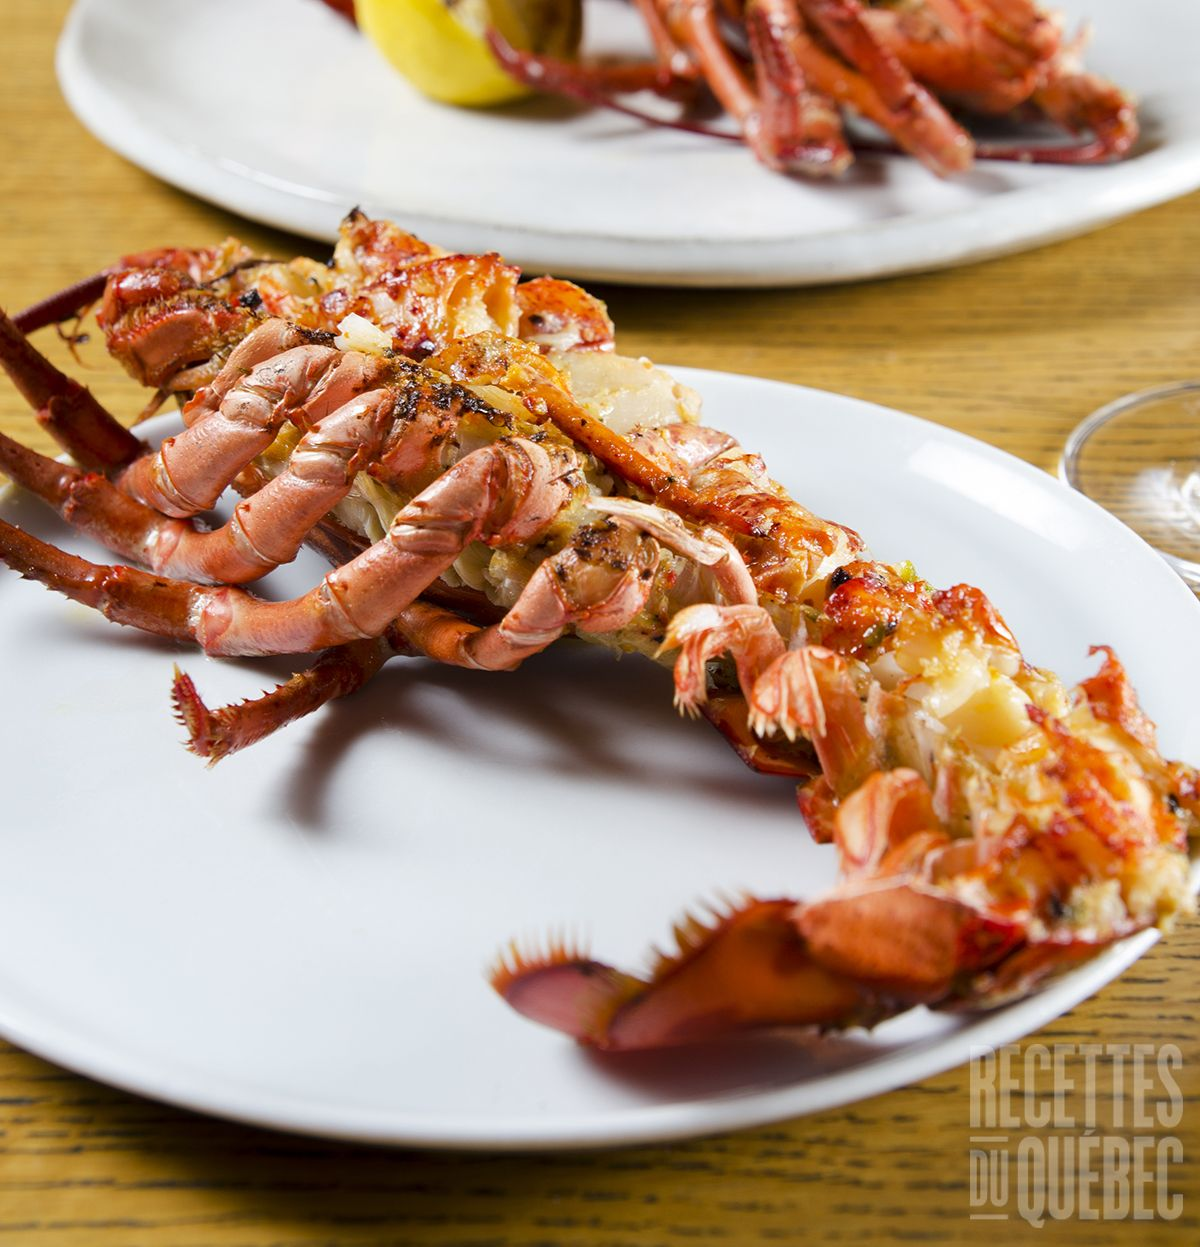 Salade de homard grill e recettes du qu bec fruit de - Recette homard grille ...